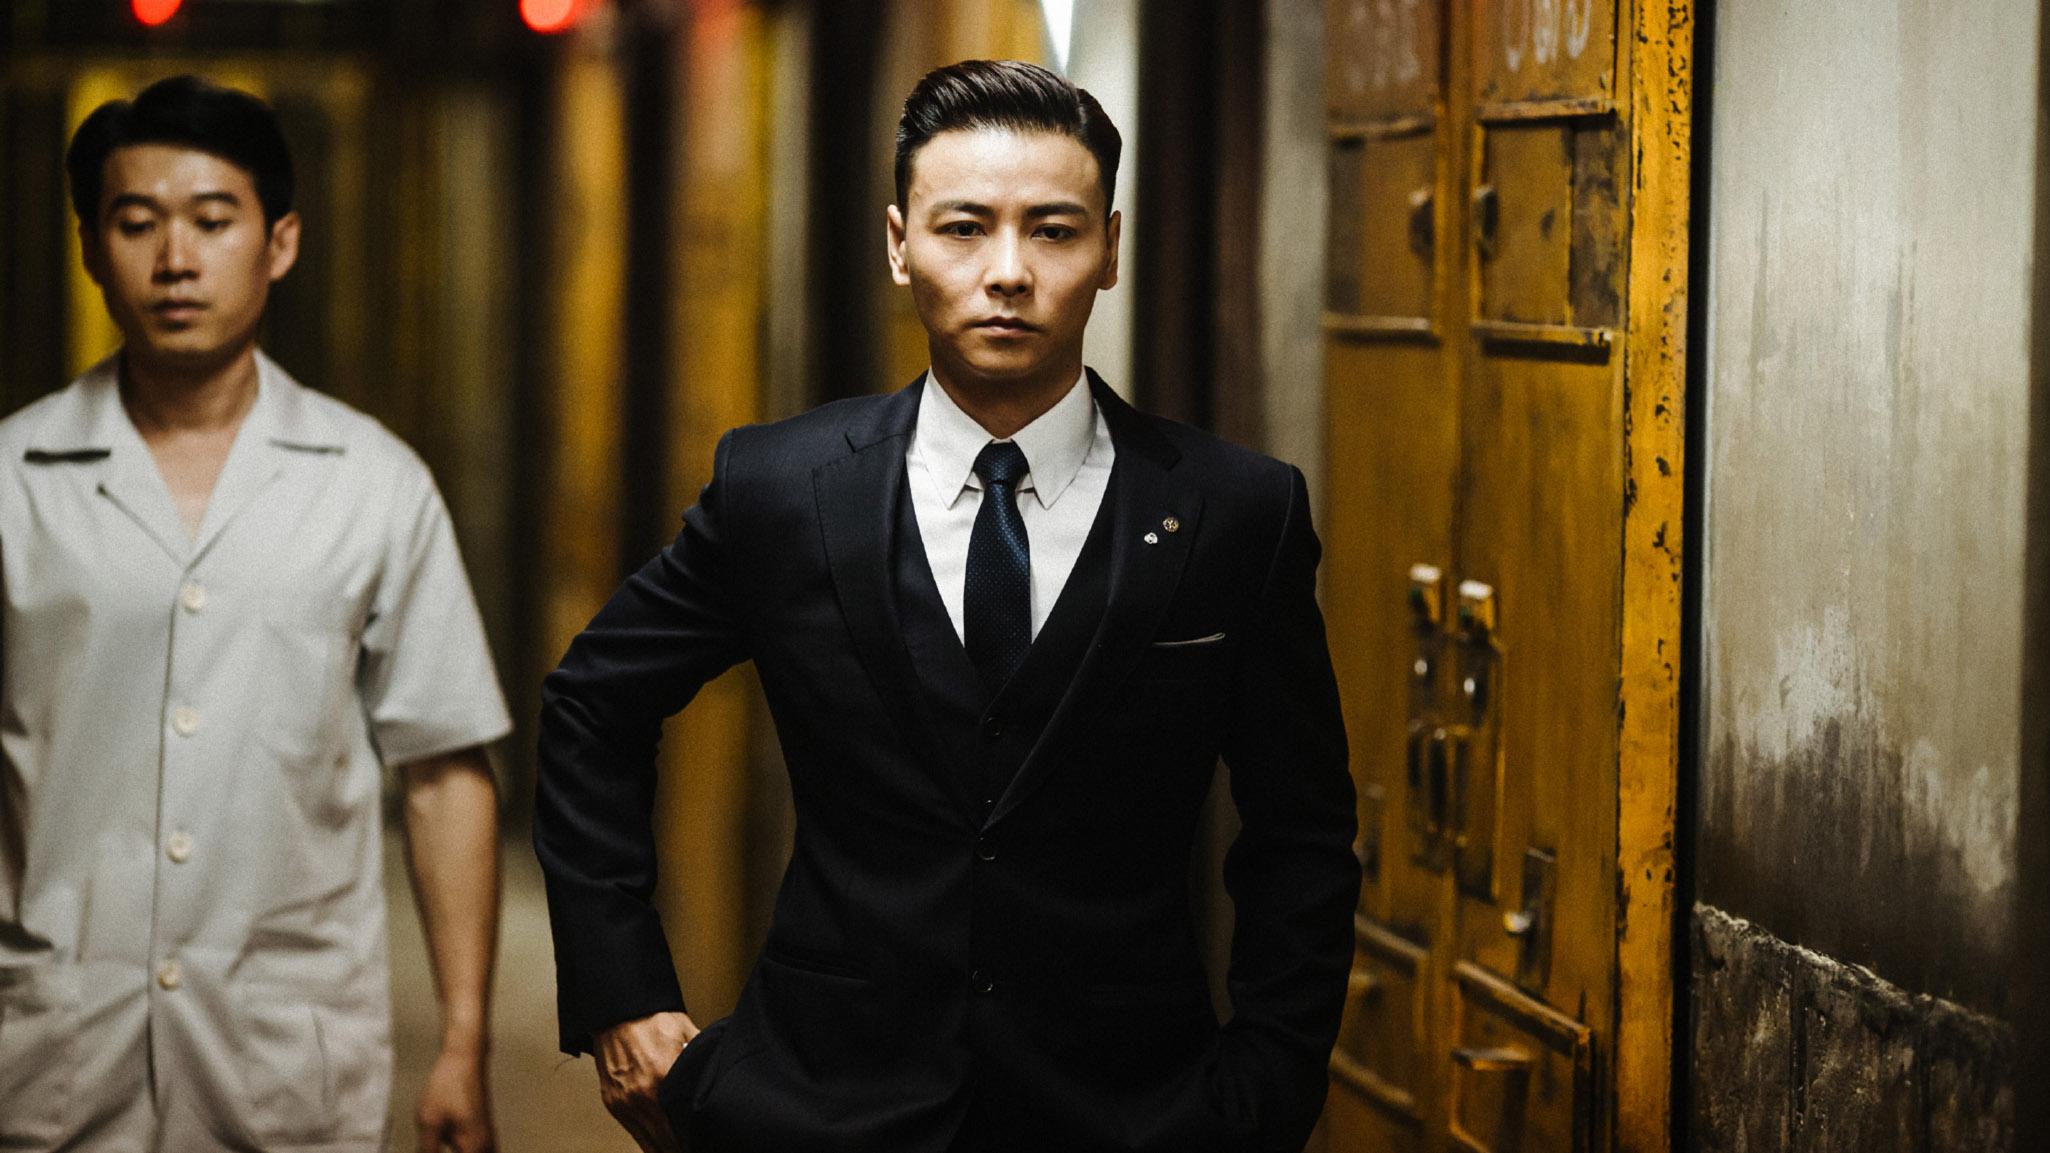 叶伟信执导,古天乐(古仔),张晋及泰国武打明星tony jaa主演的《杀破狼